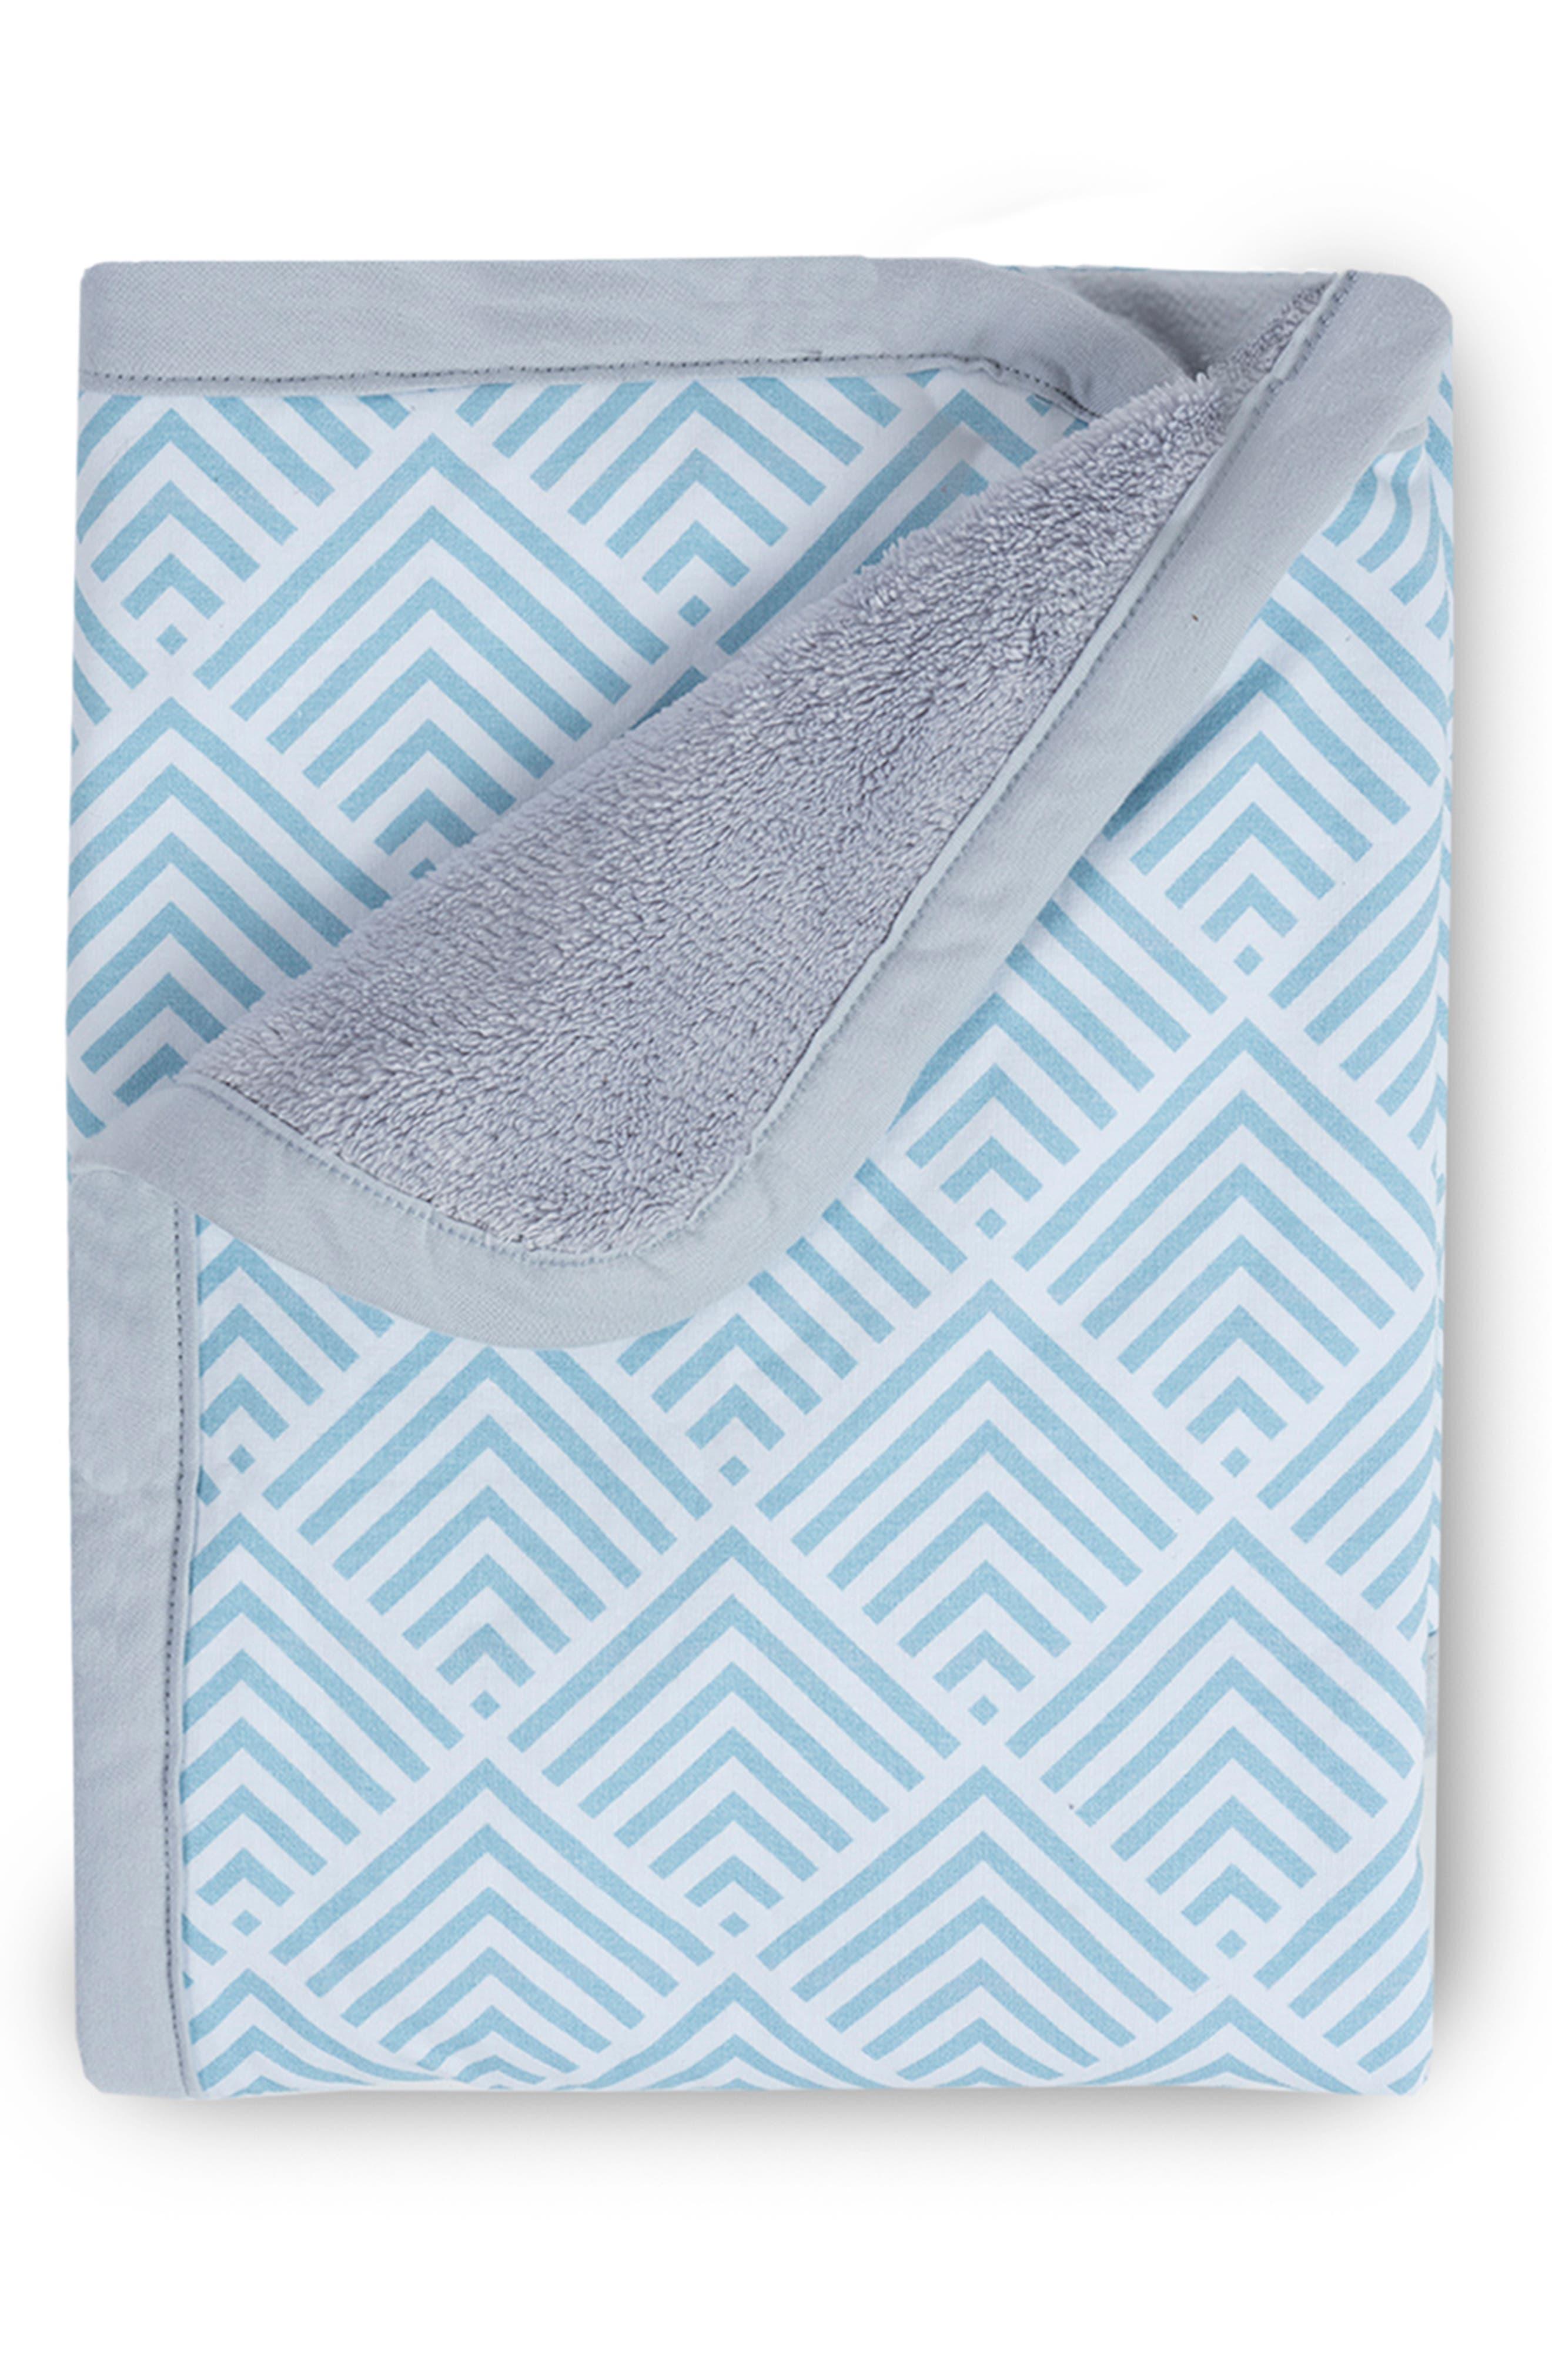 Kai Cuddle Blanket & Moon Pillow Set,                             Alternate thumbnail 2, color,                             KAI